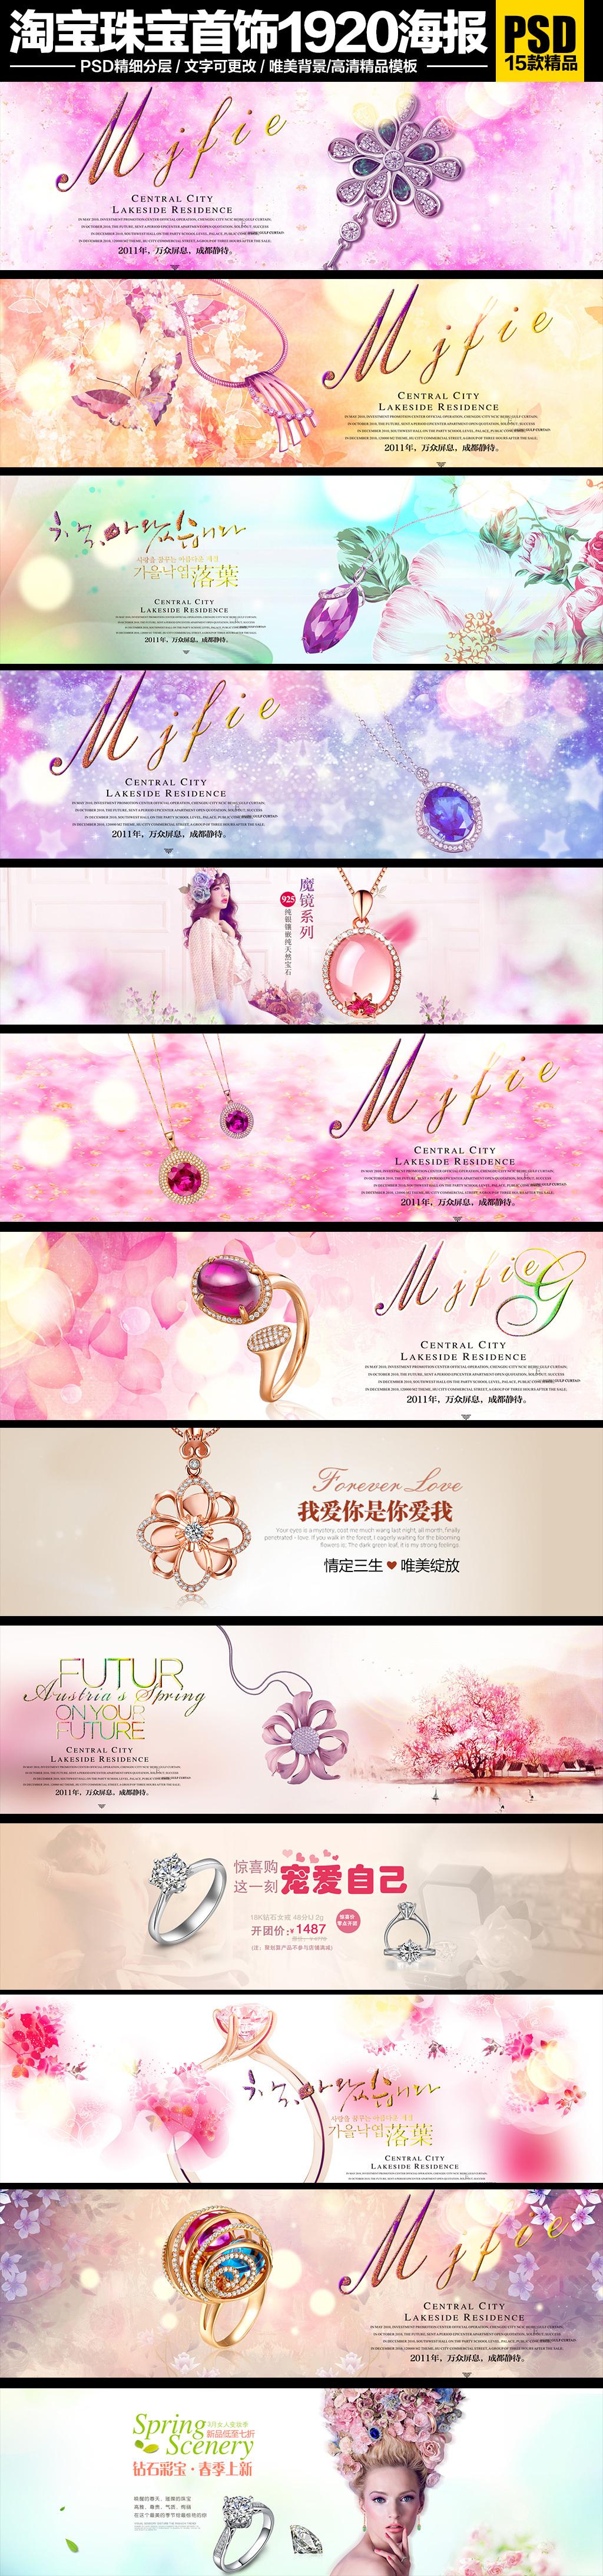 唯美淘宝珠宝首饰海报背景模板